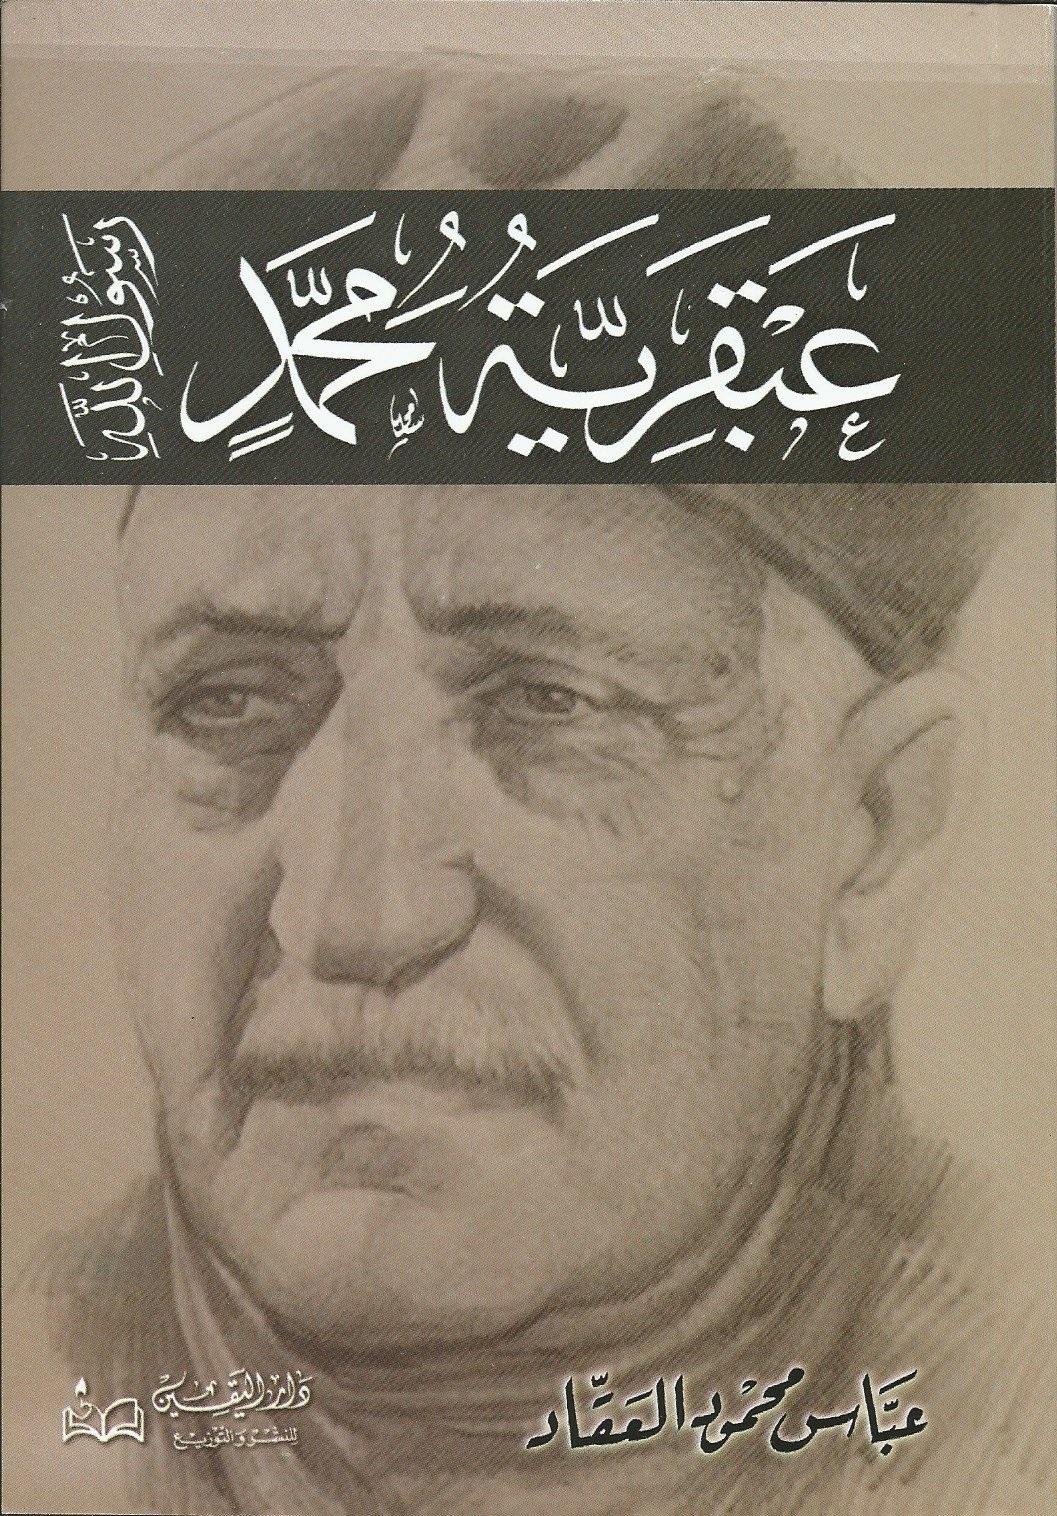 Photo of عبقرية محمد صلي الله عليه وسلم pdf عباس محمود العقاد